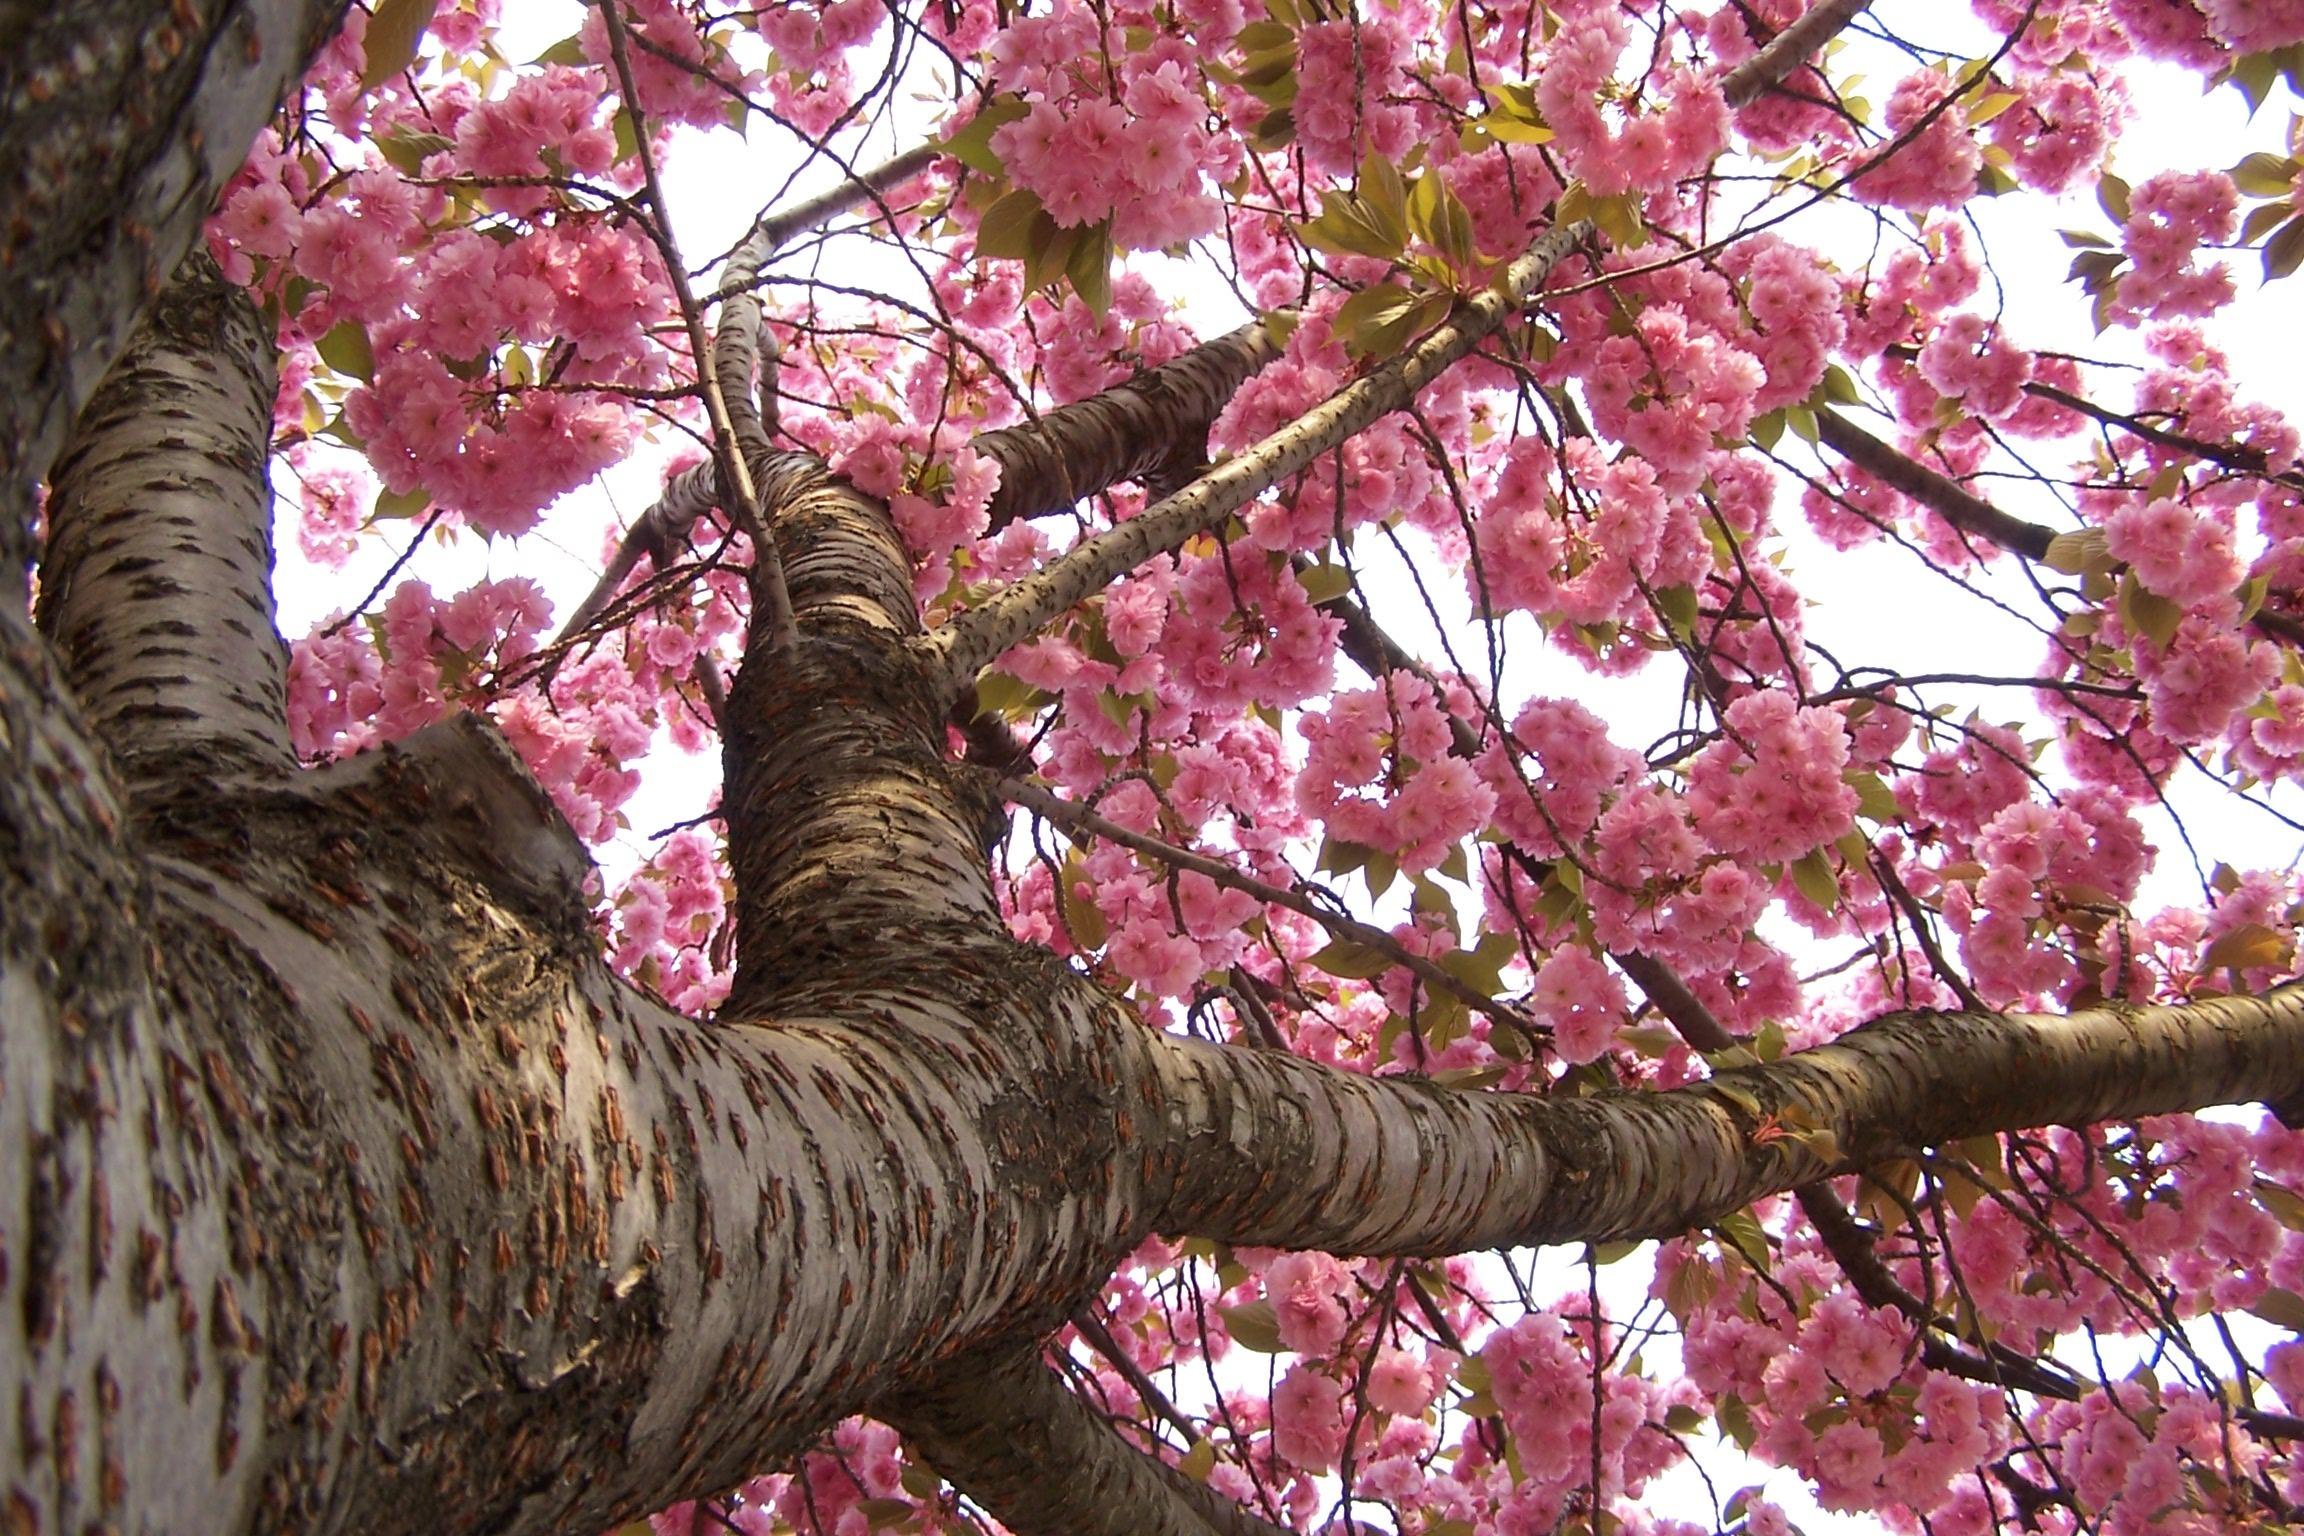 Sfondi Primavera Per Desktop Ciliegio In Fiore Sfondi Hd Gratis